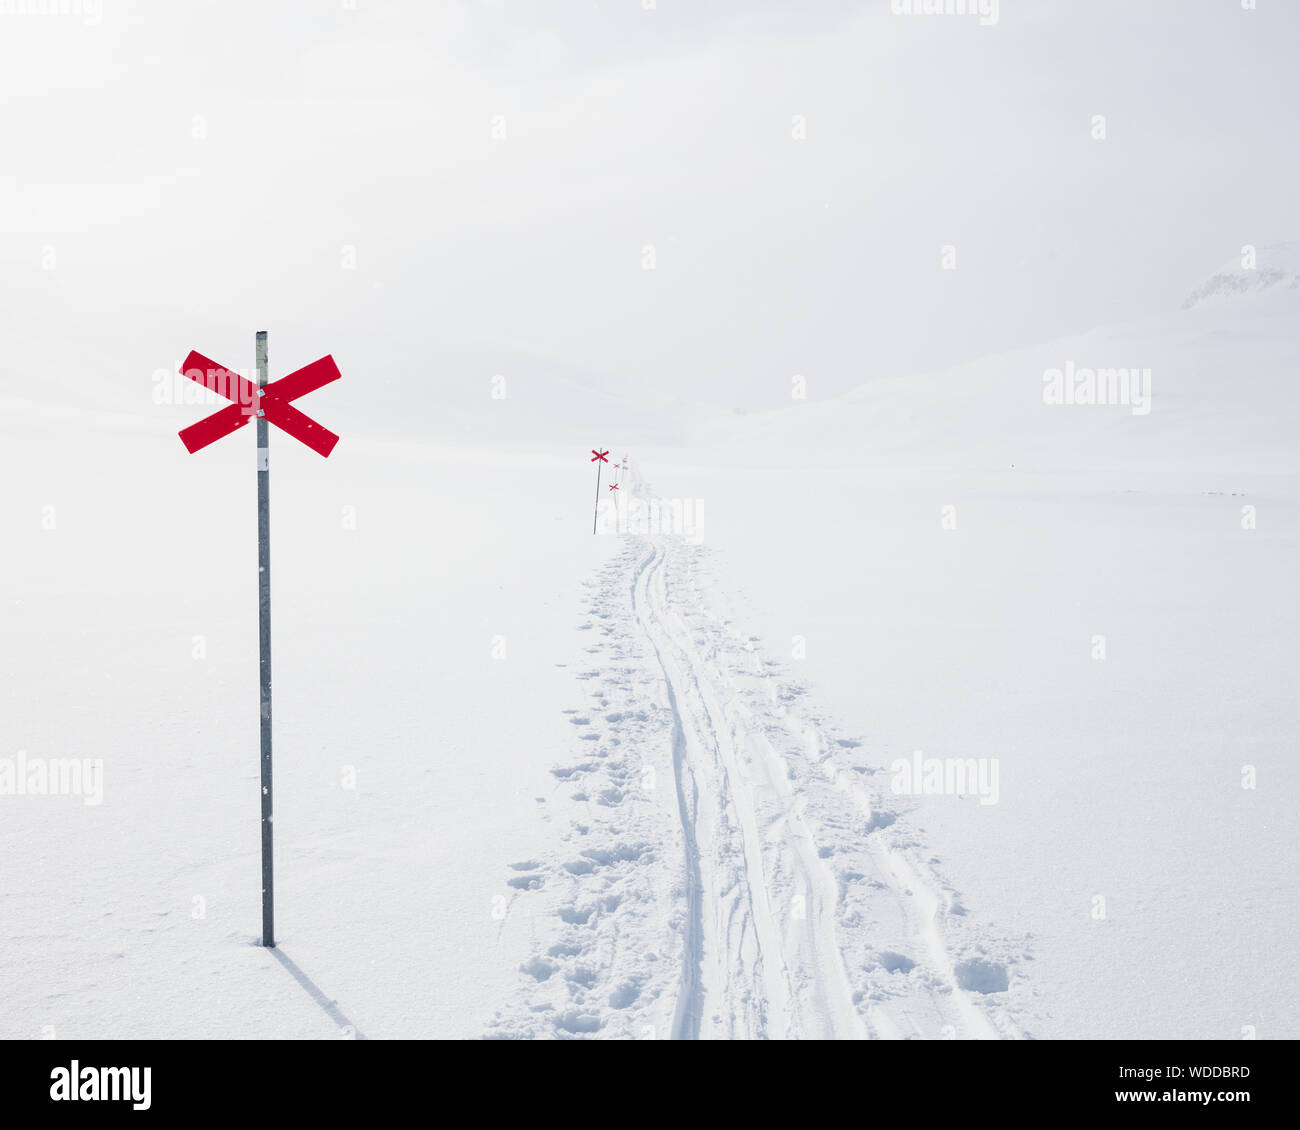 Markierungen im Schnee der Kungsleden in Lappland, Schweden Stockfoto